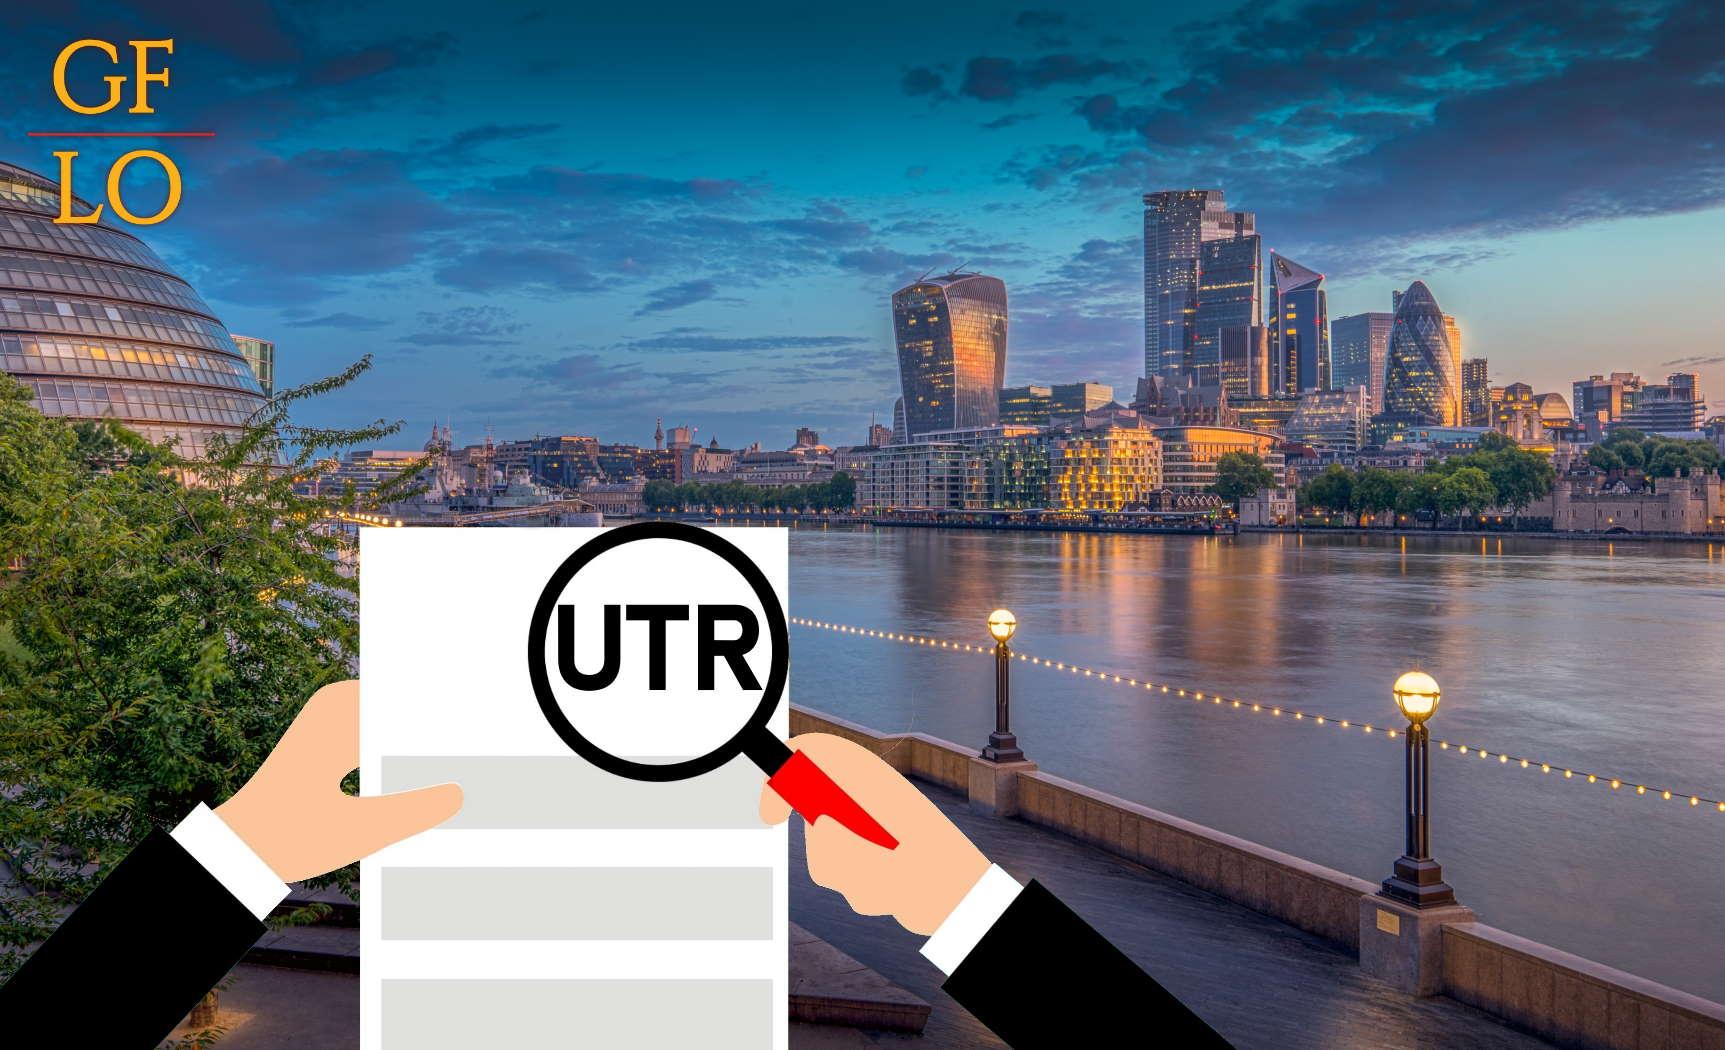 Что такое номер UTR в Великобритании?